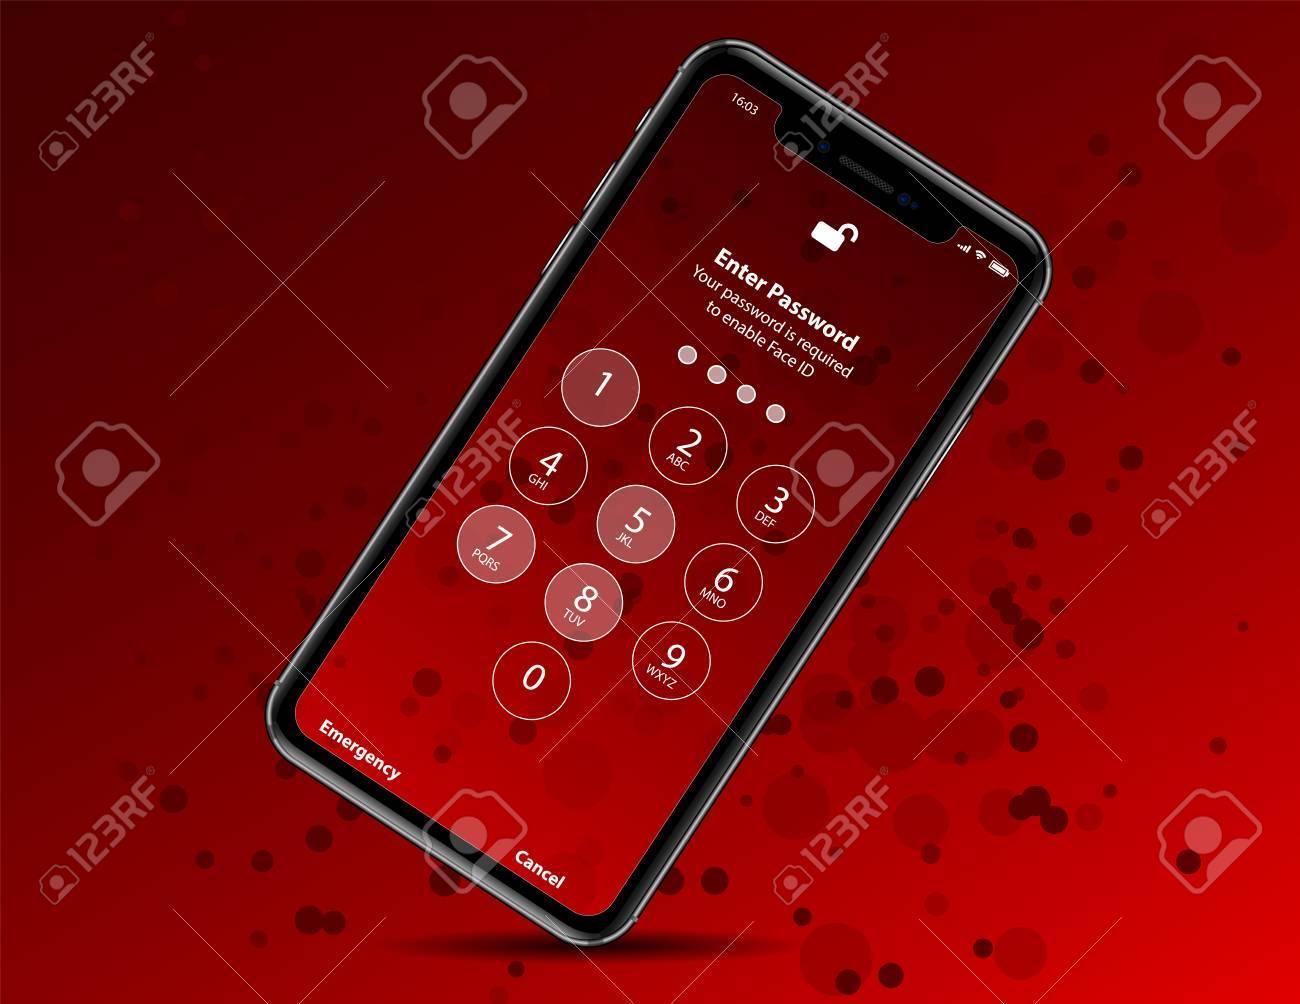 写真素材 , 新しい iphone X 赤 baground で分離されました。ベクトル イラスト。